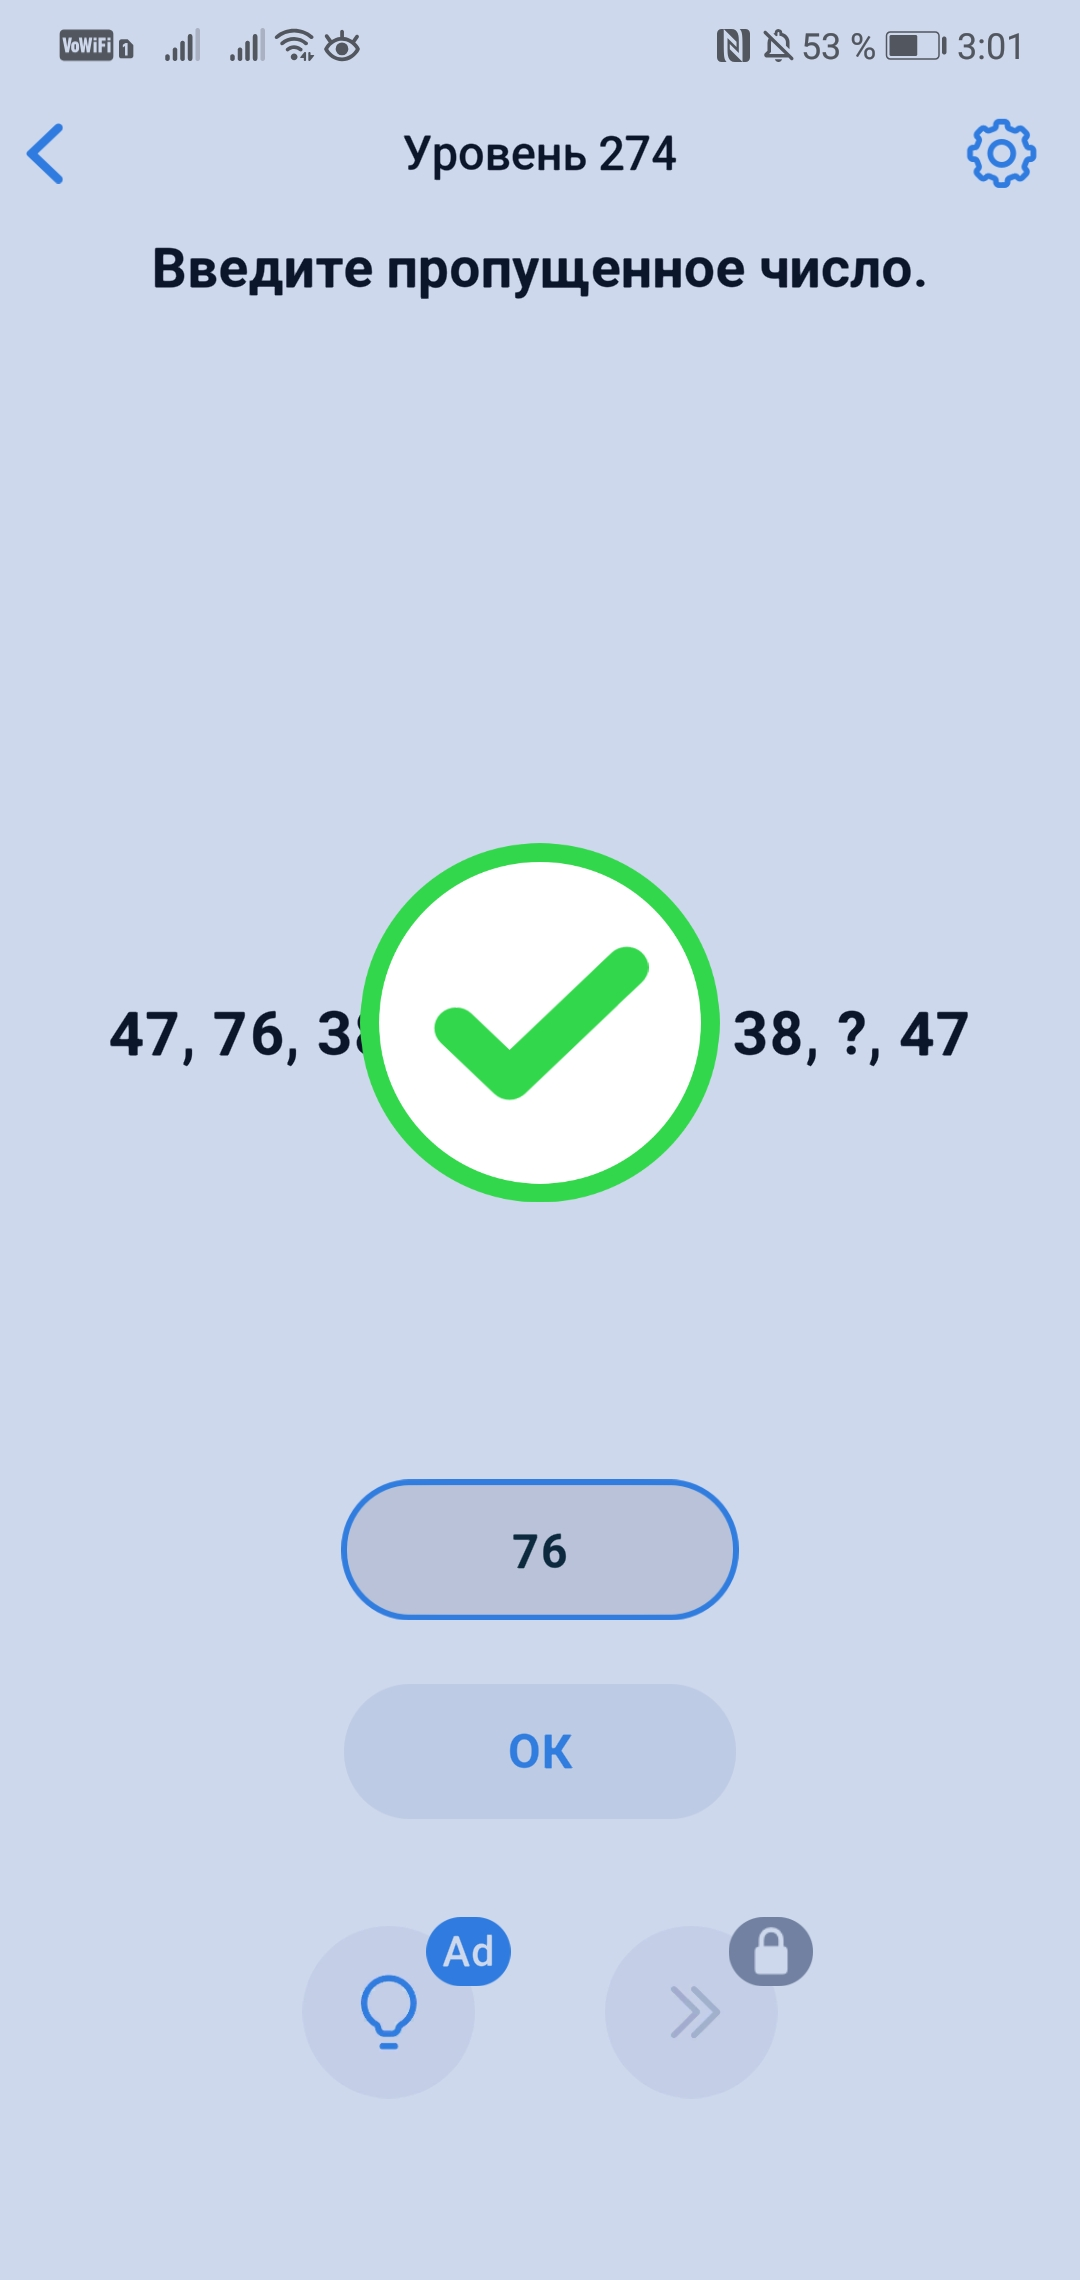 Easy Game - 274 уровень - Введите пропущенное число.